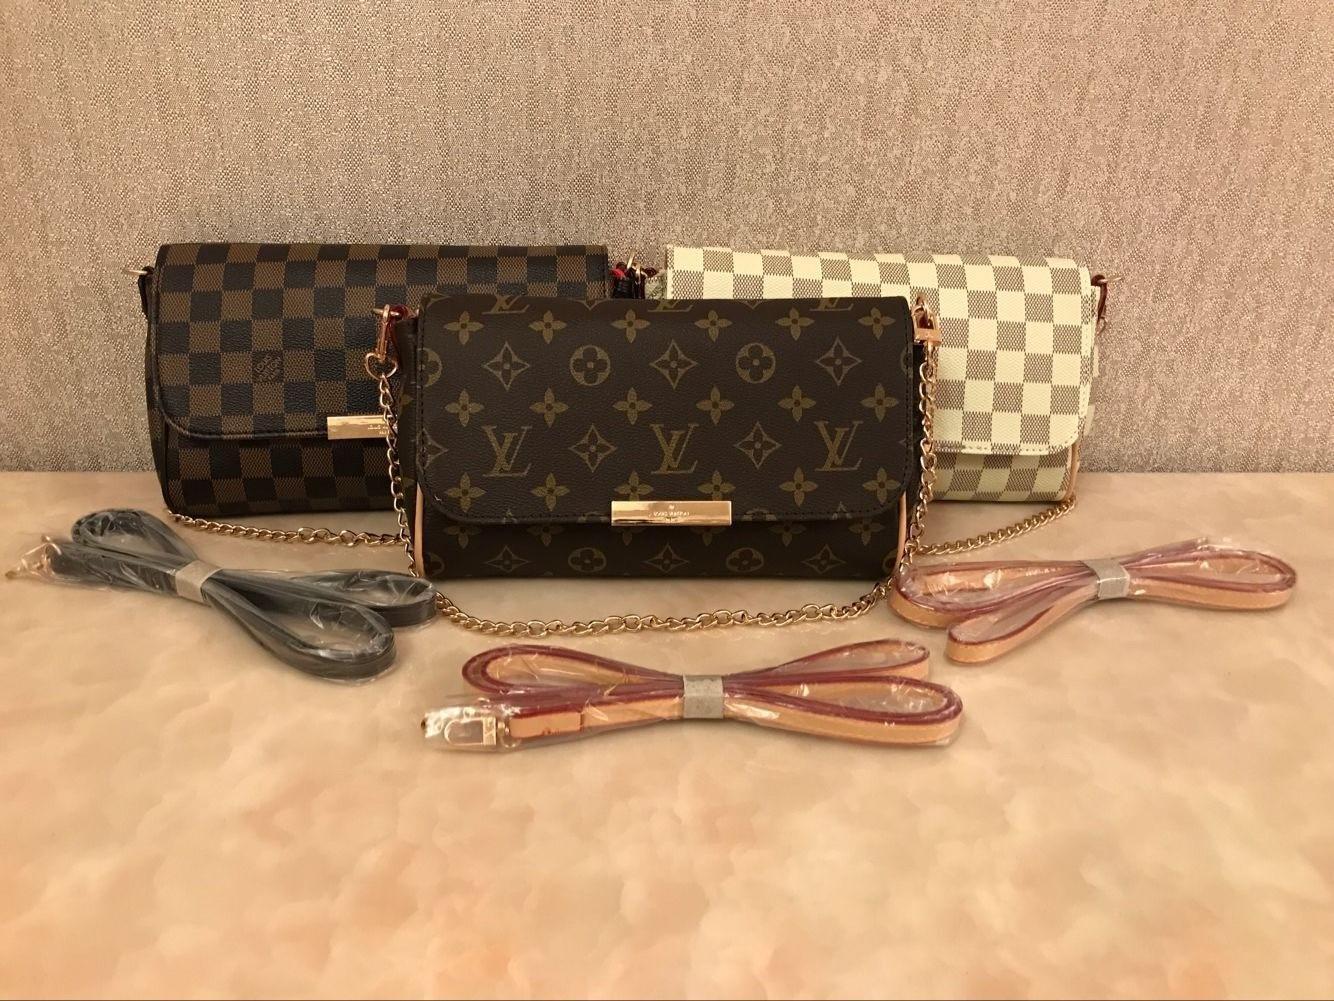 Freies Verschiffen! Hight Qualitätsberühmter echtes Leder Handtaschen-Frauen-Schulter-Beutel 40718 Lieblingshandtasche mm echtes Leder 407171